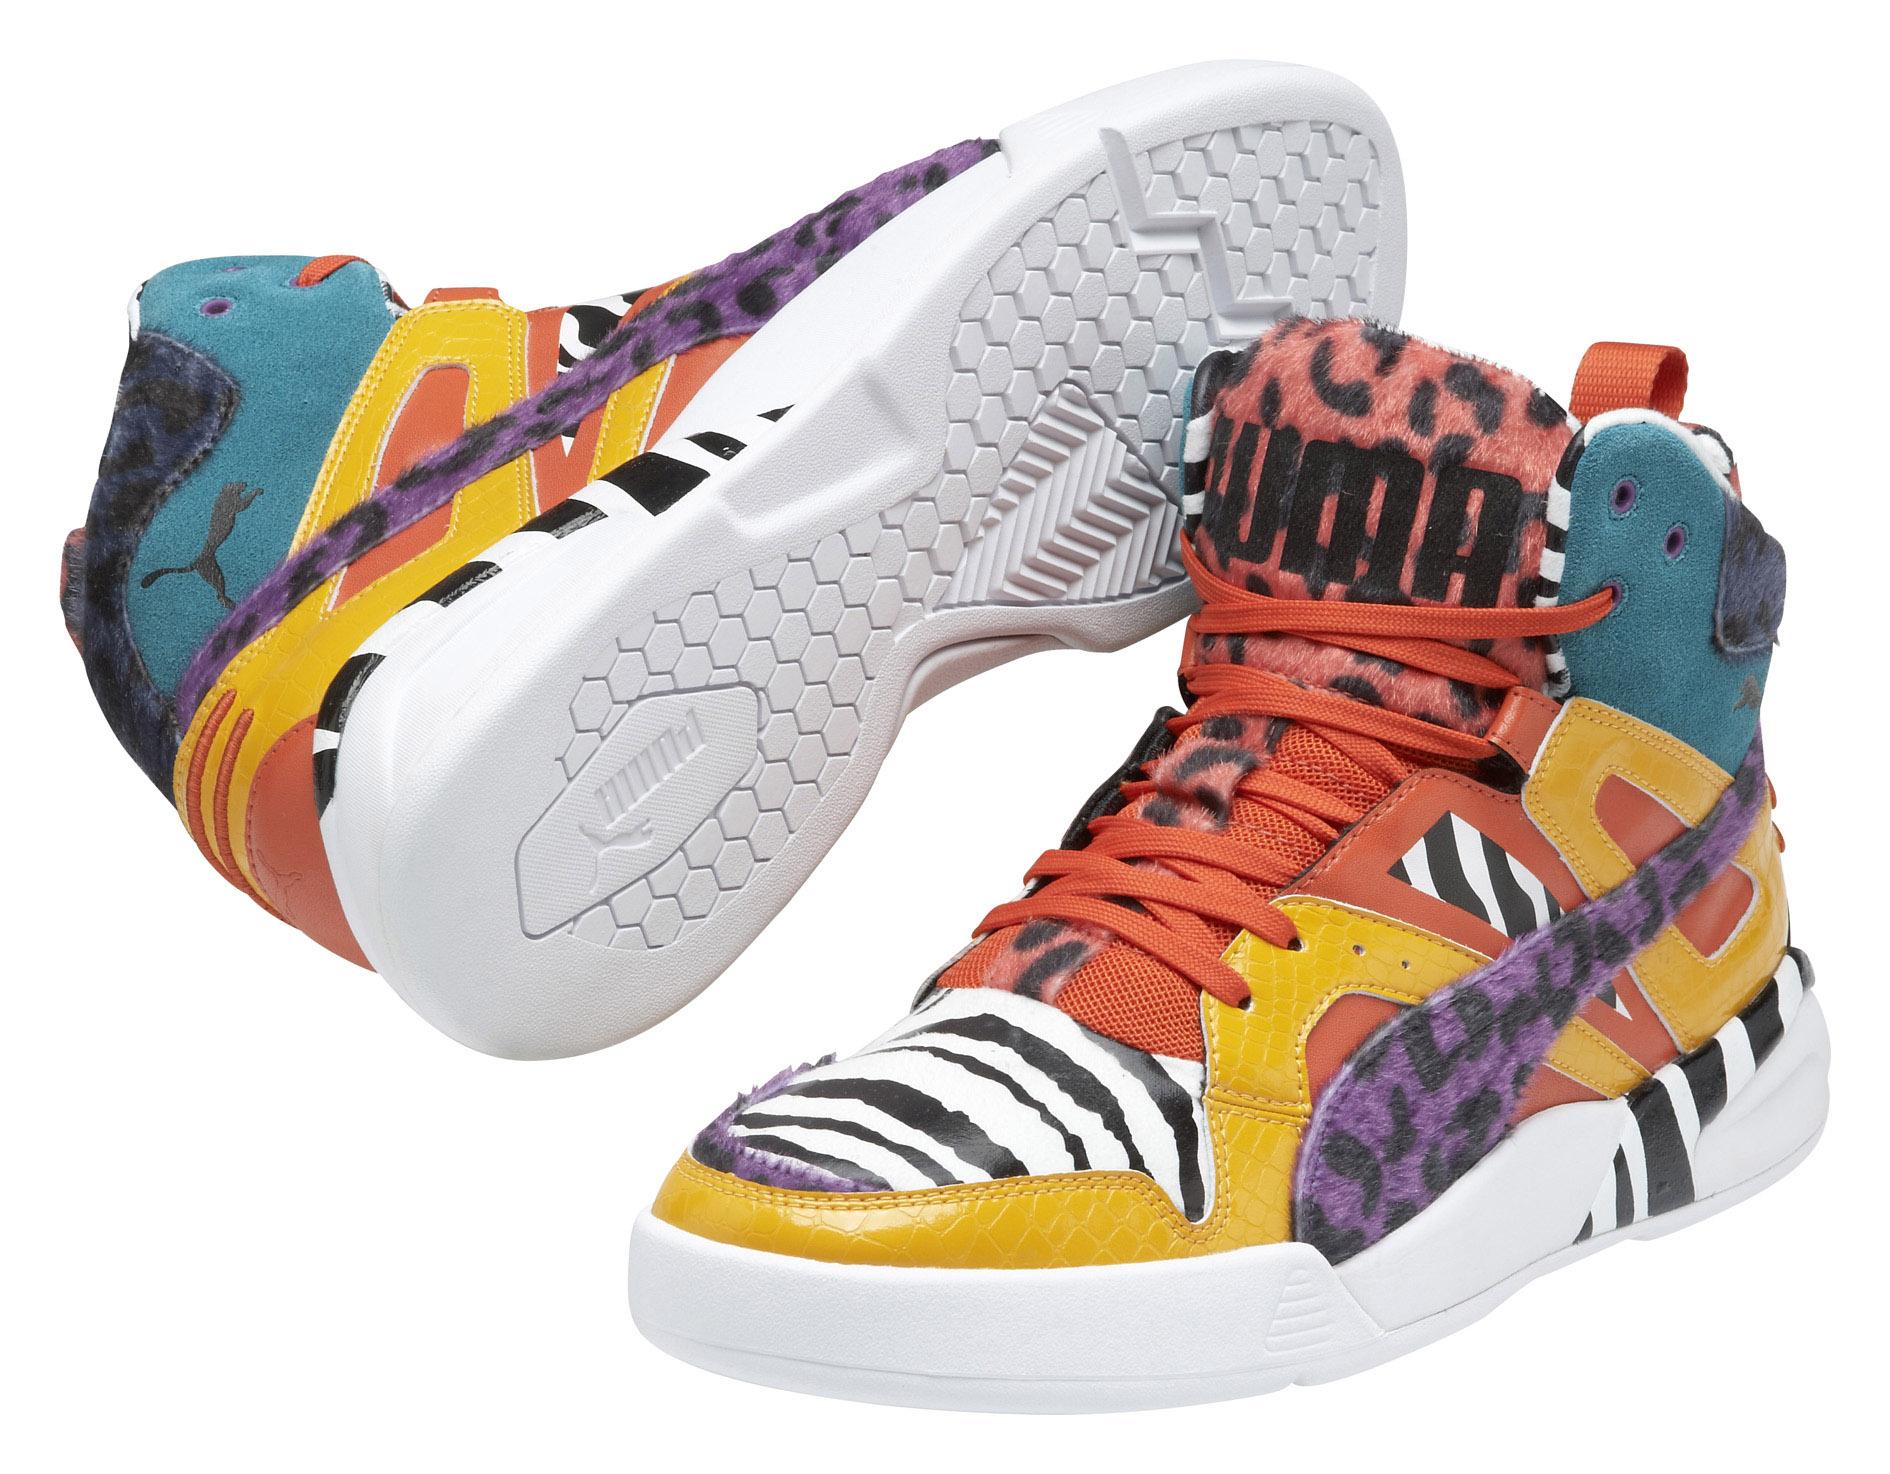 Scarpe: Puma presenta le nuove sneakers animalier (FOTO)